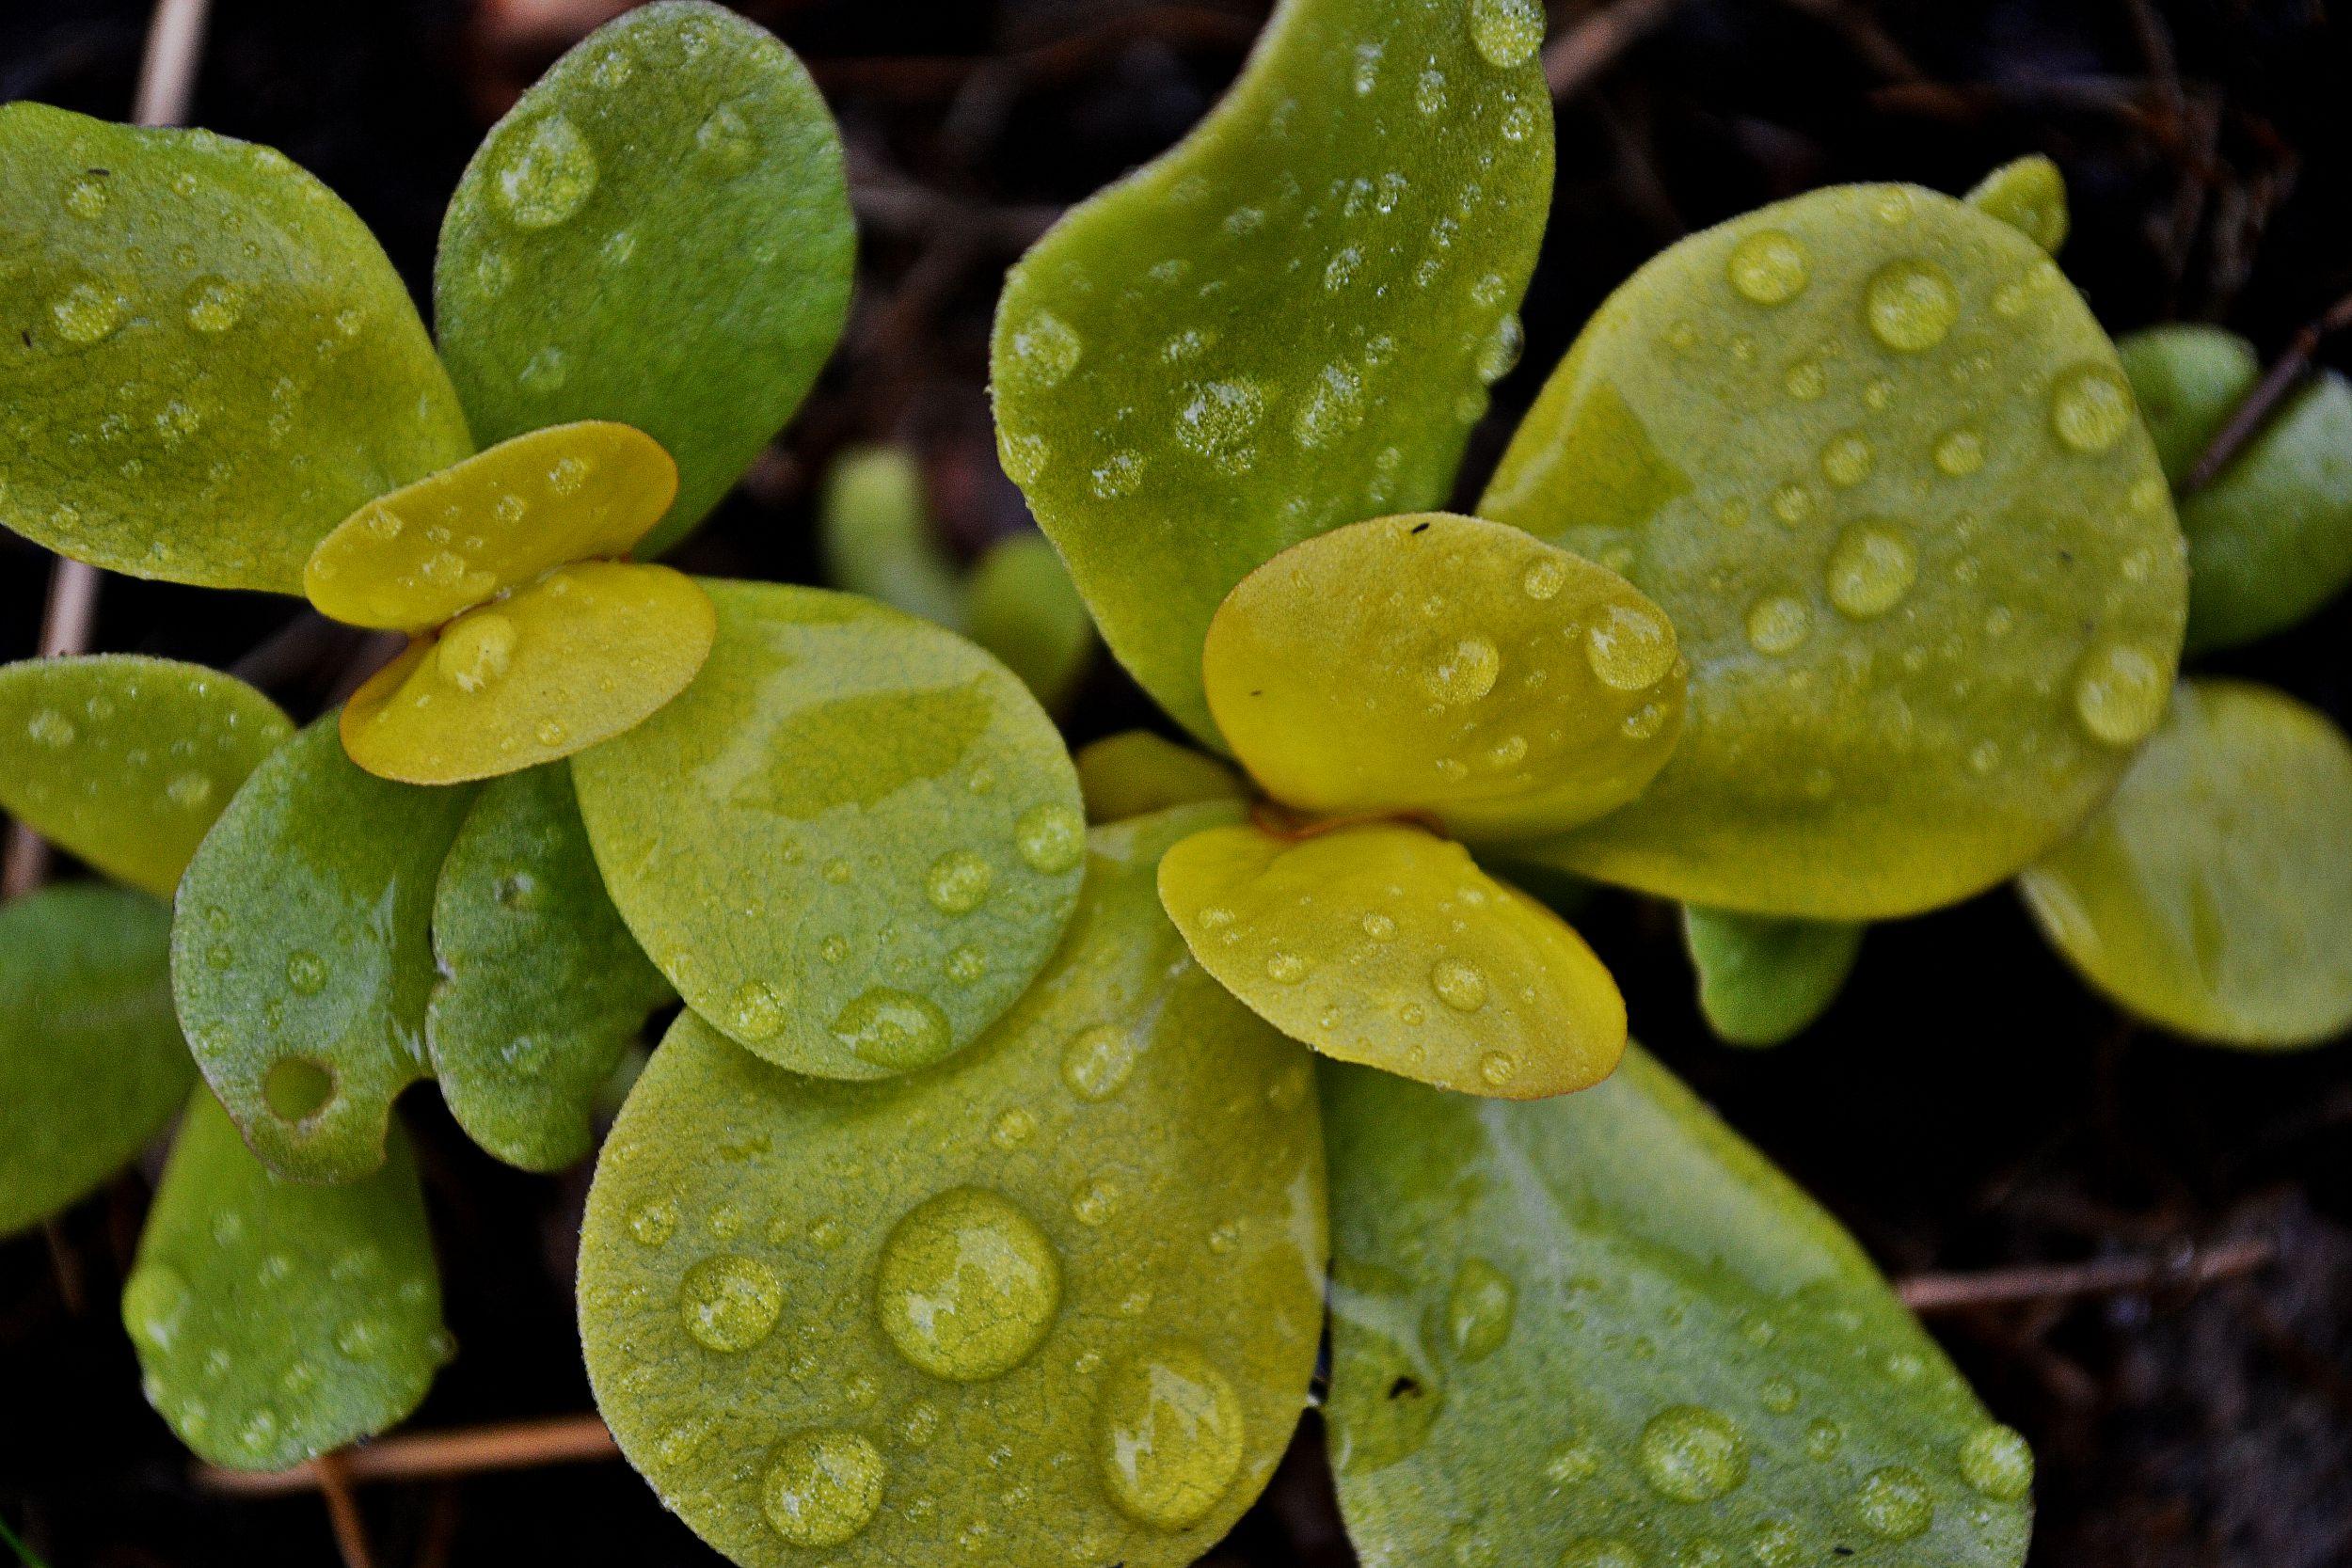 Gul trädgårdsportulak med saftiga blad.